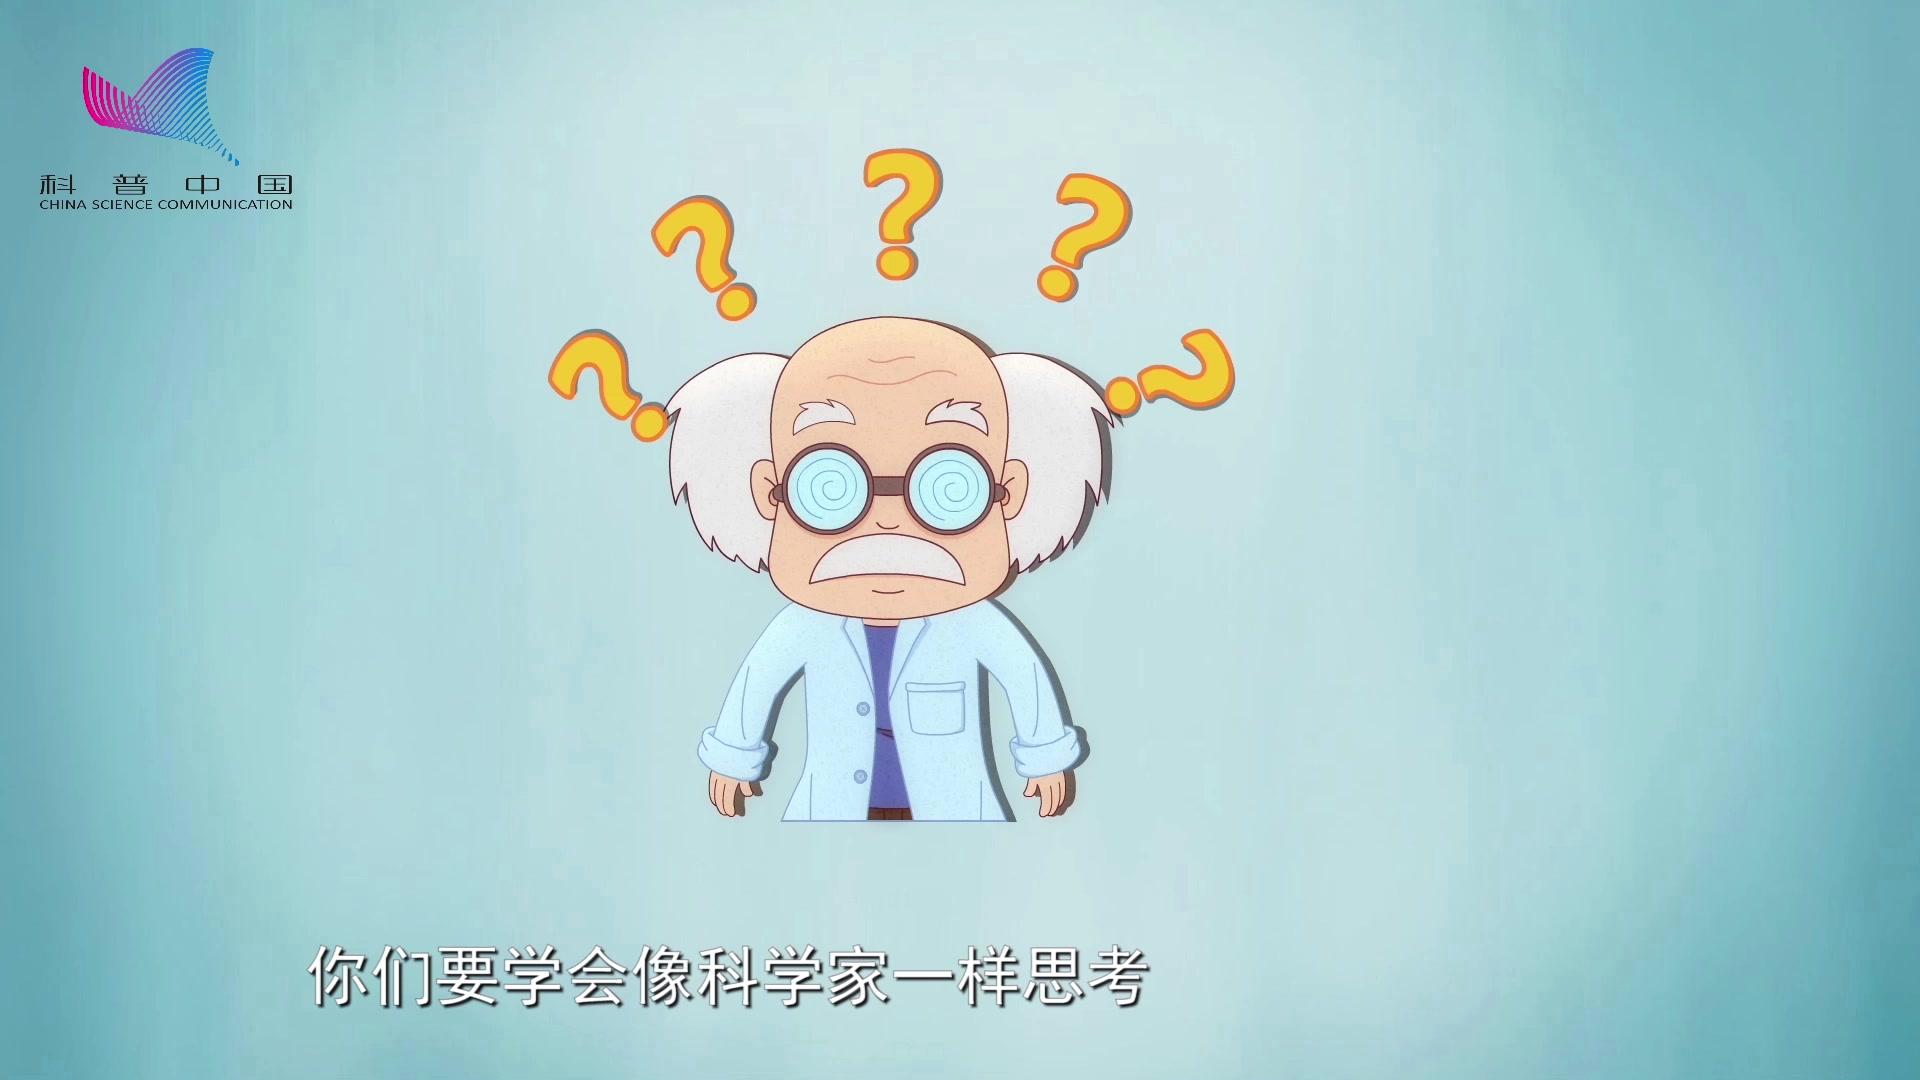 科普中国之阿U学科学 第32集 如何像科学家一样思考